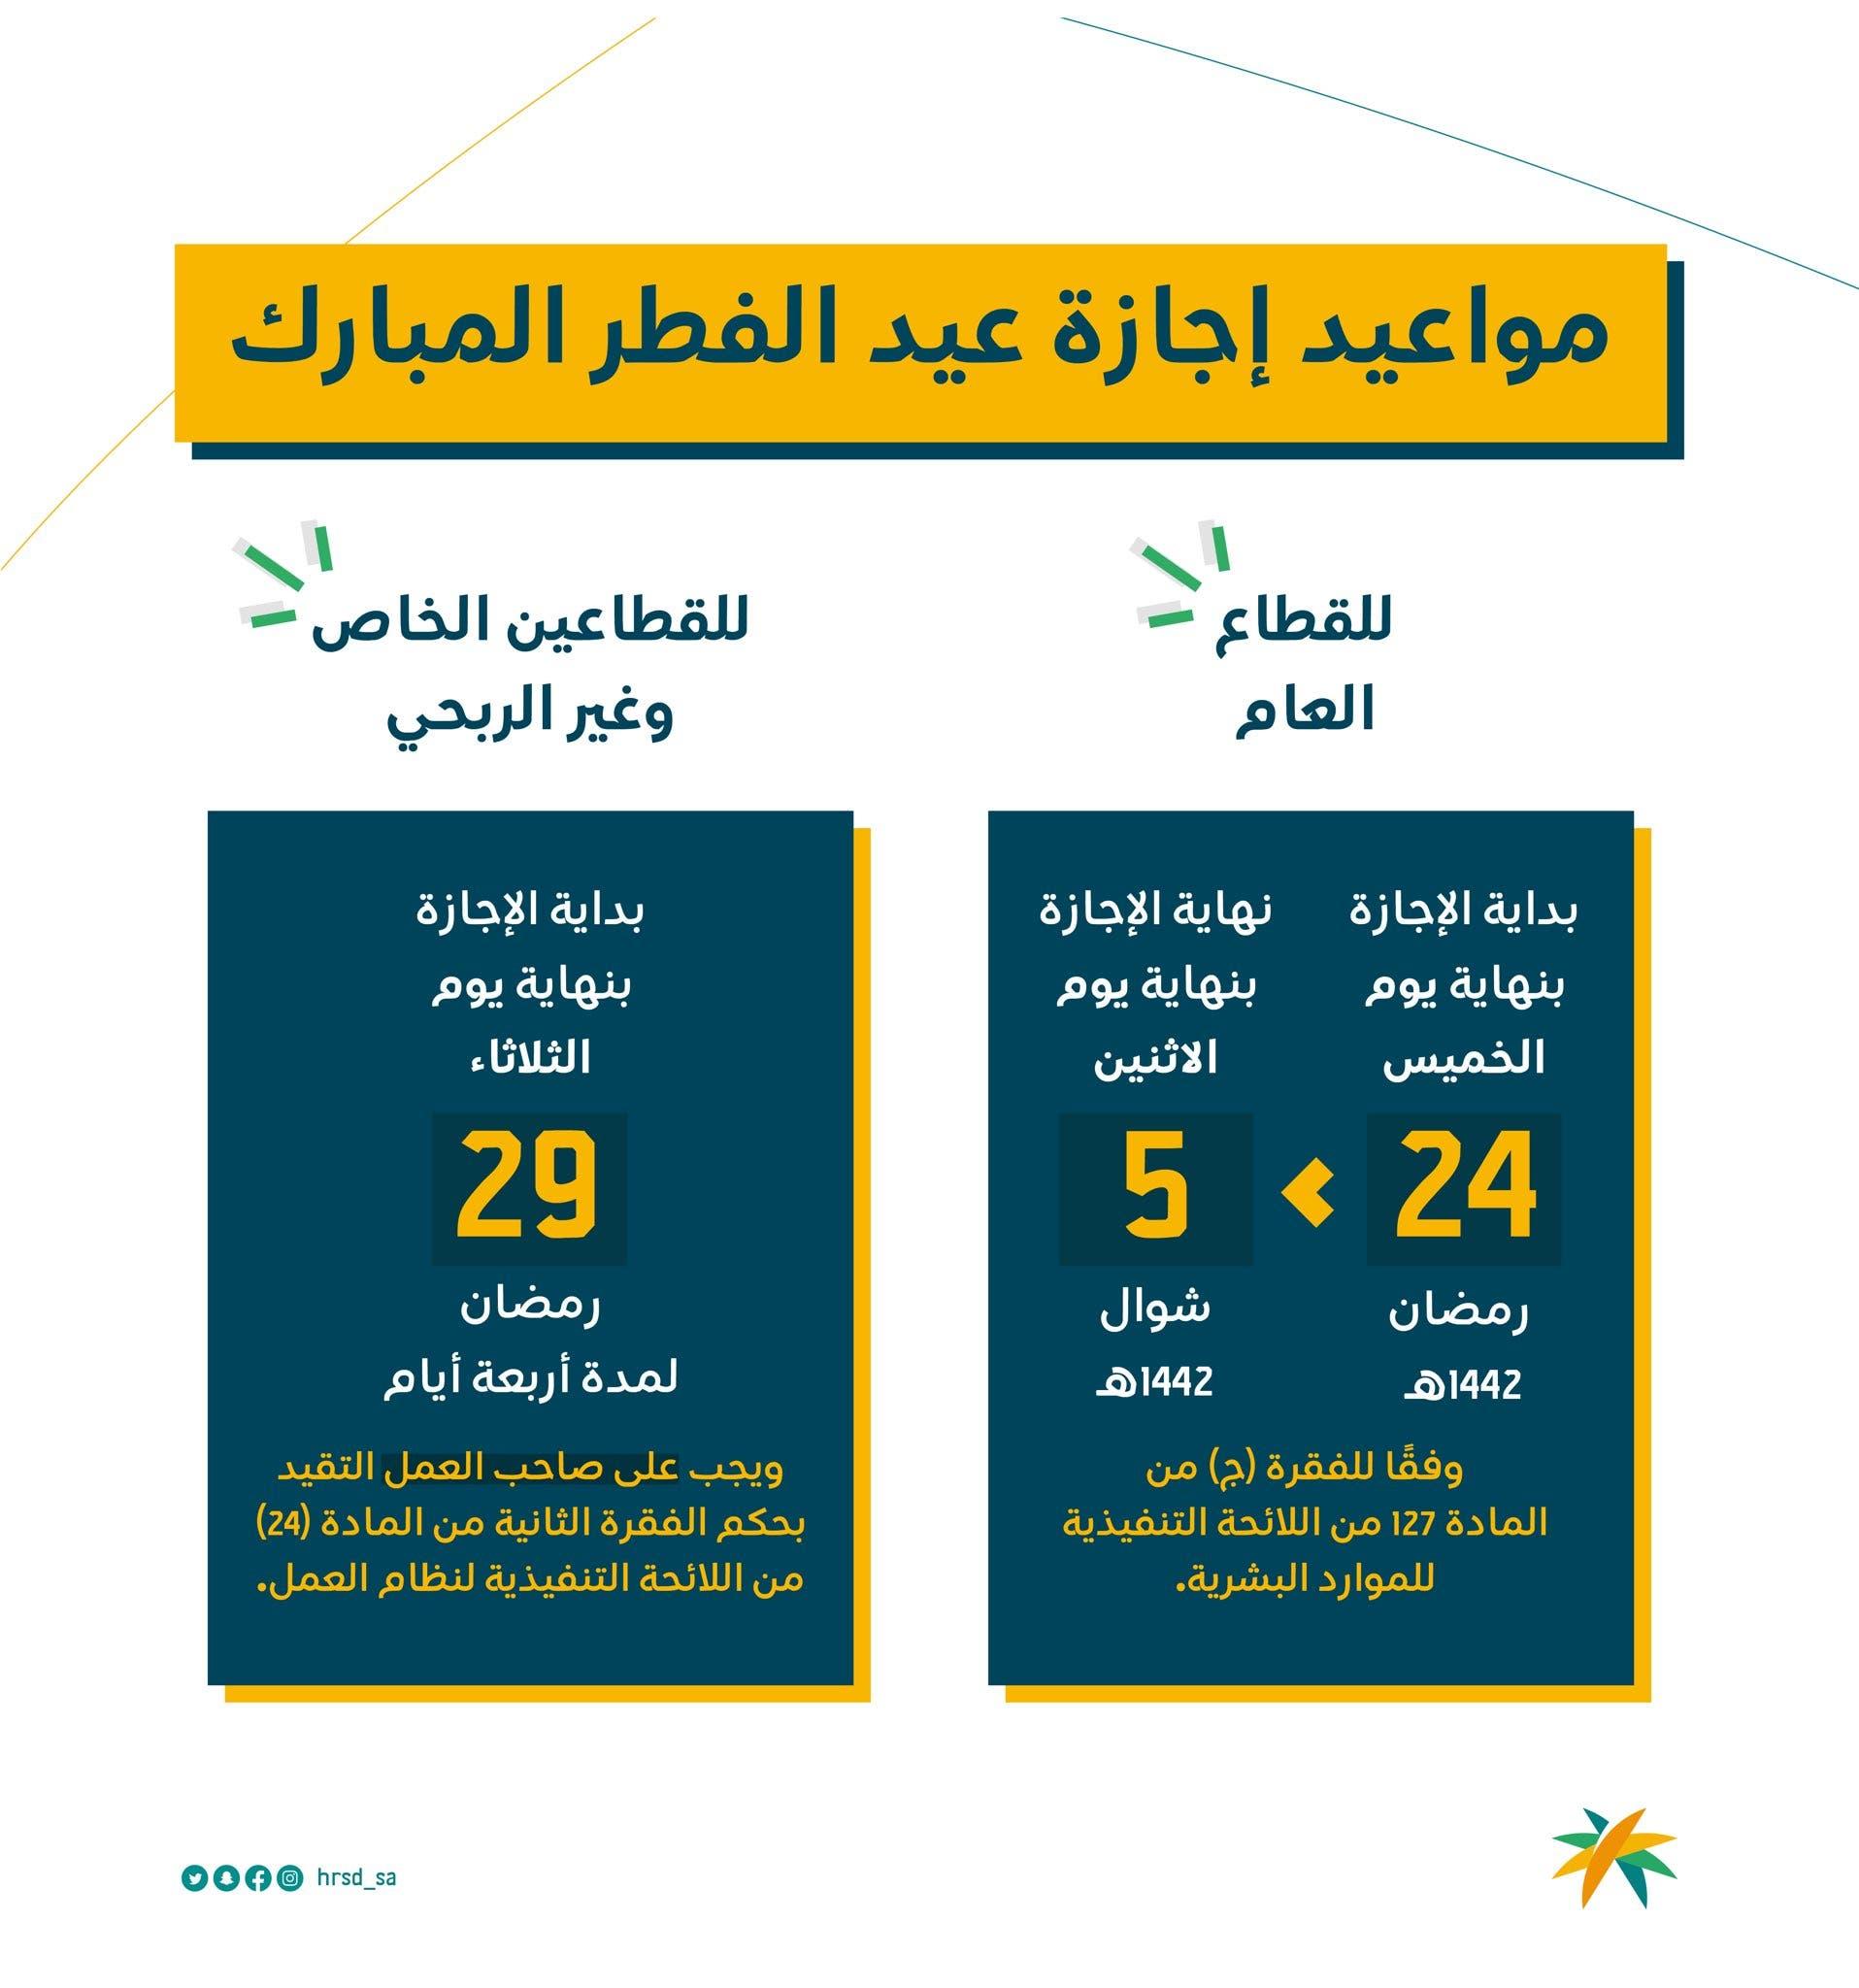 إجازة عيد الفطر في السعودية للقطاعين العام والخاص